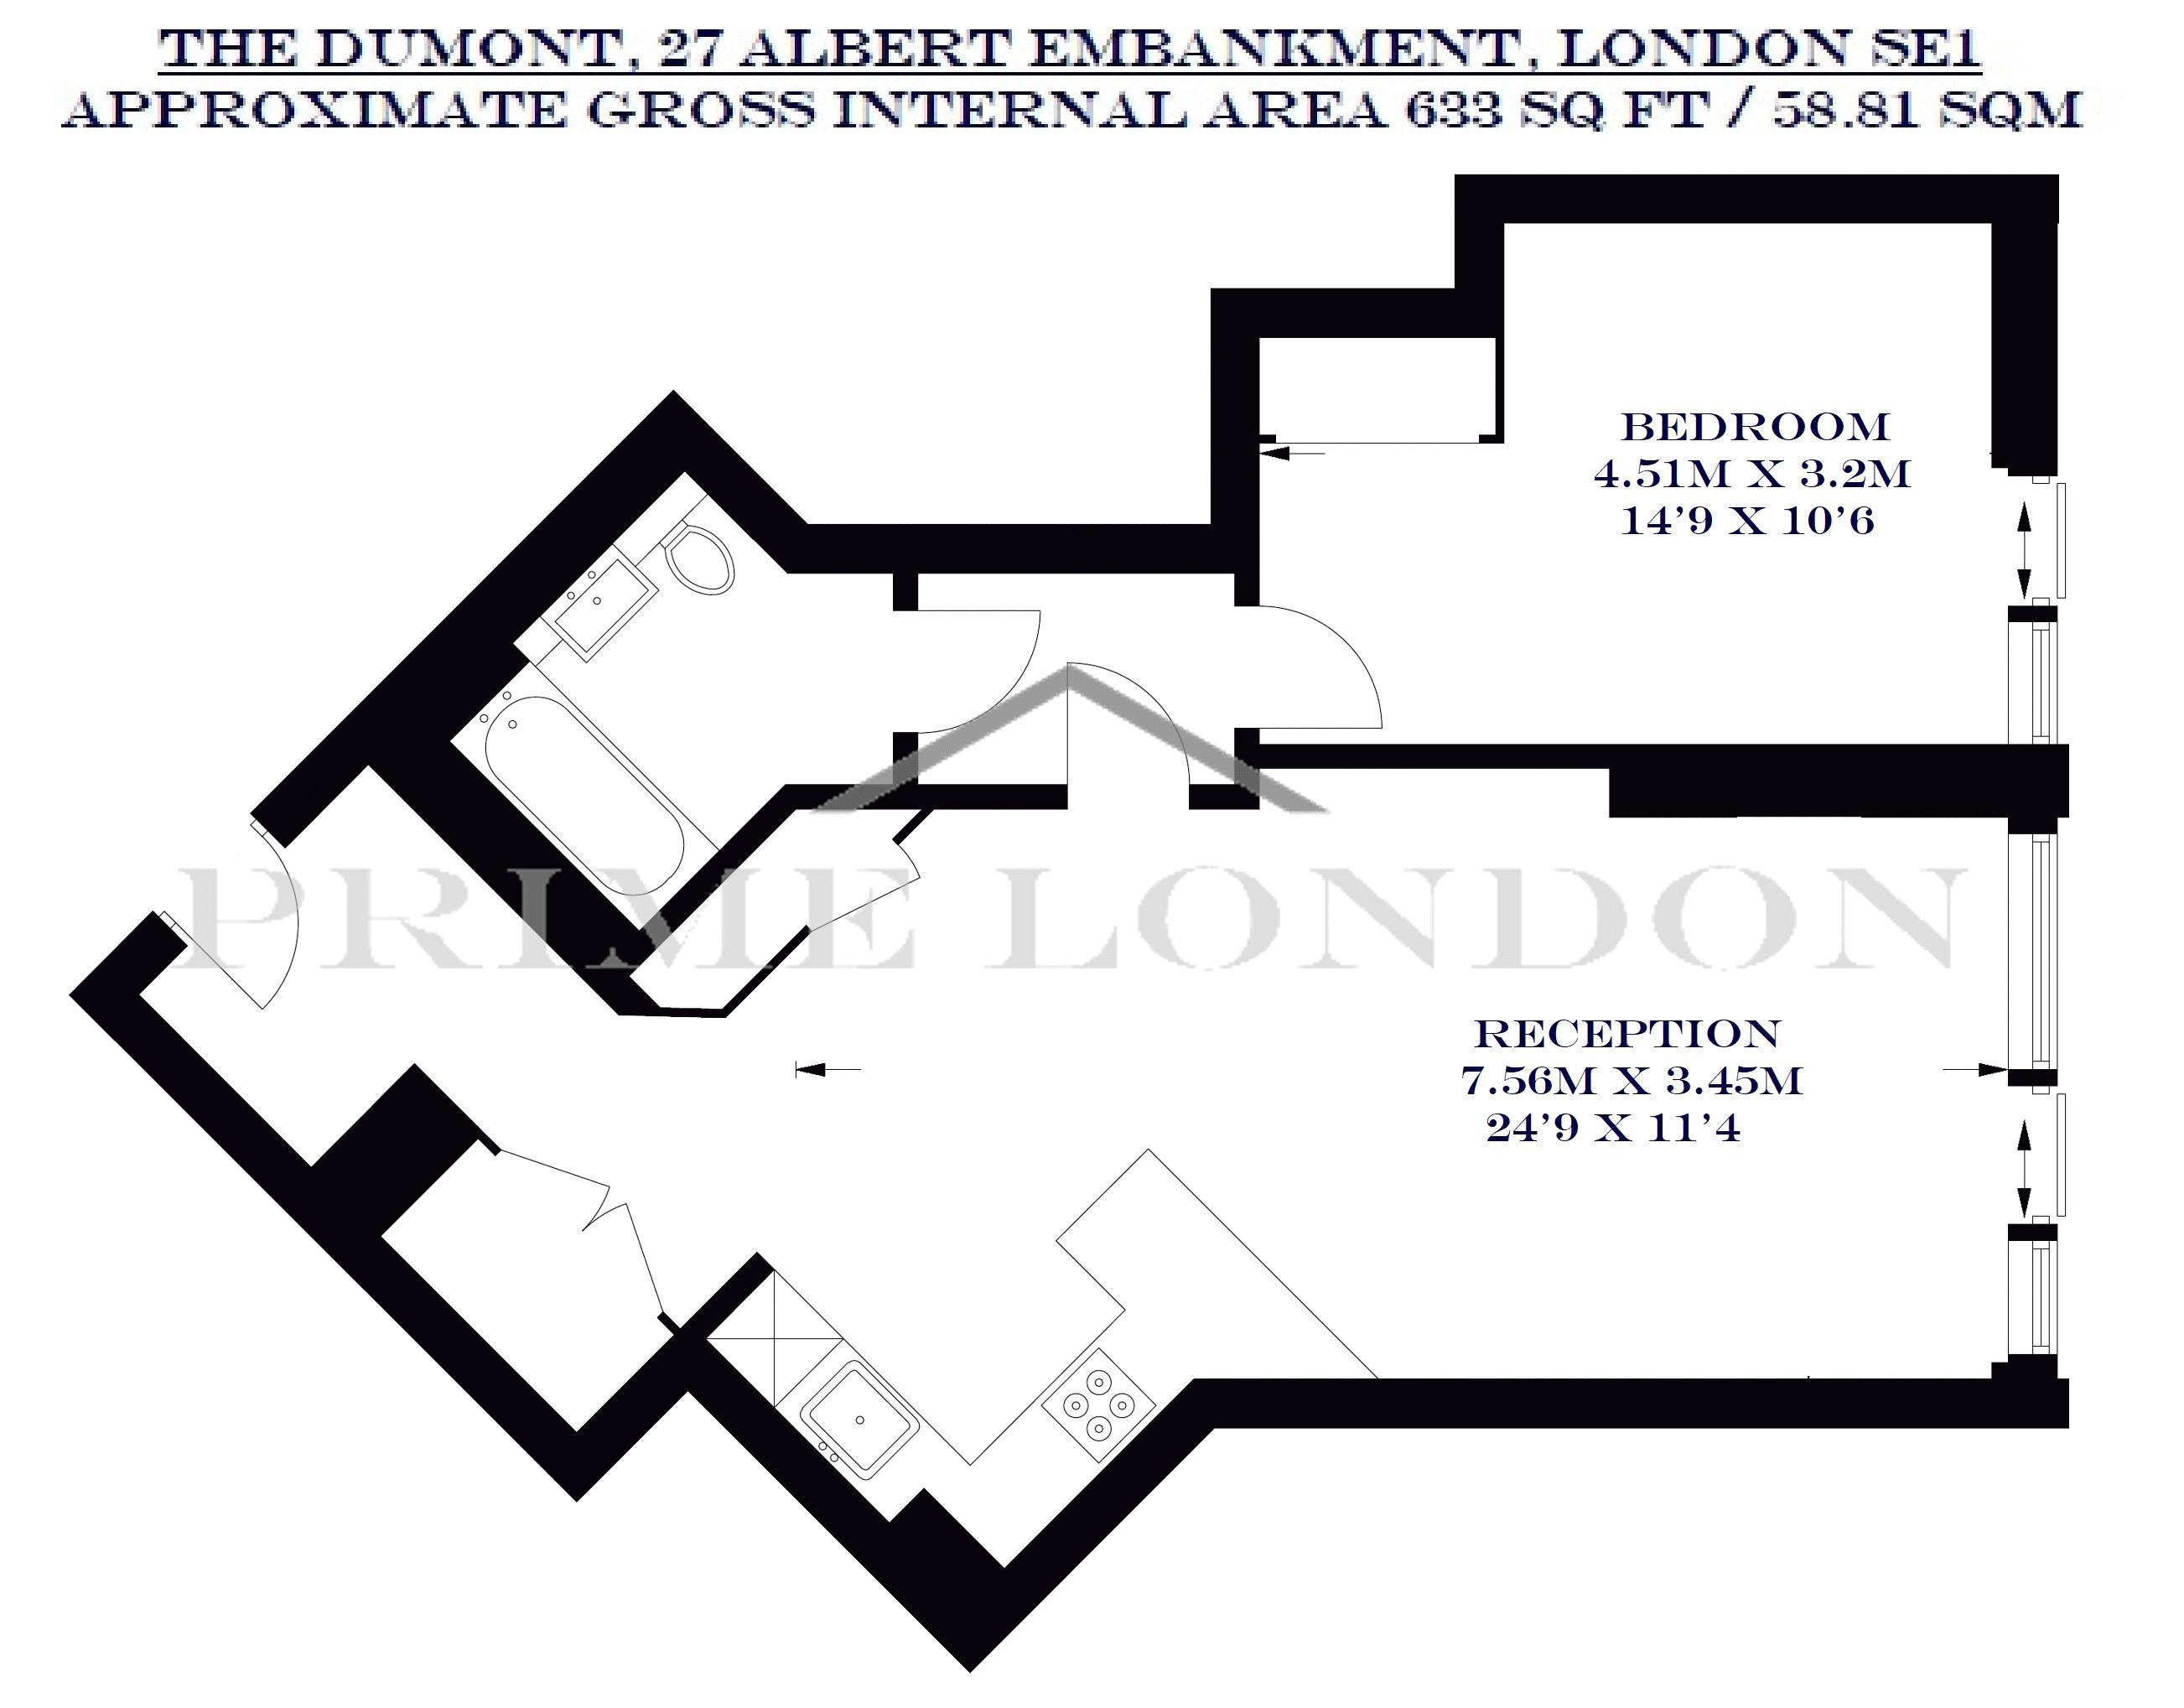 The Dumont